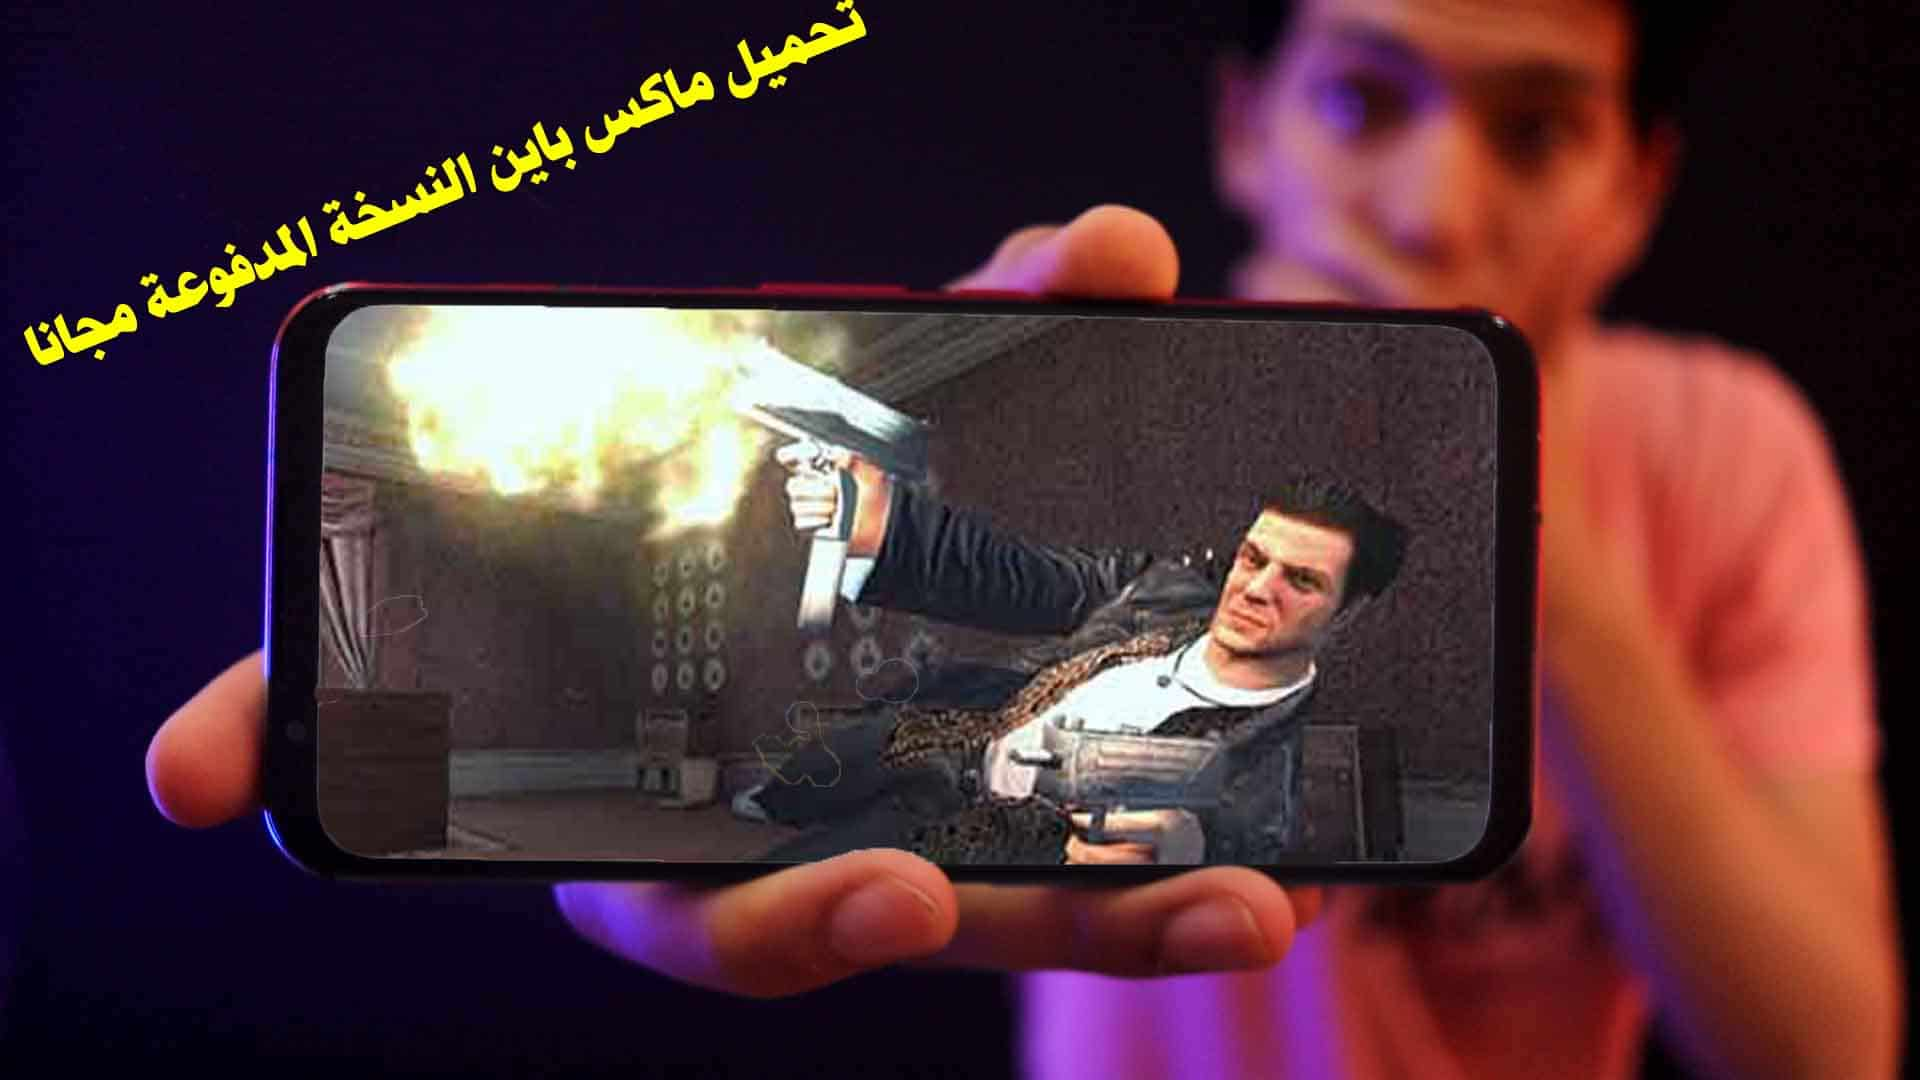 تحميل افضل العاب المغامرات للاندرويد (Max Payne Mobile) مجانا